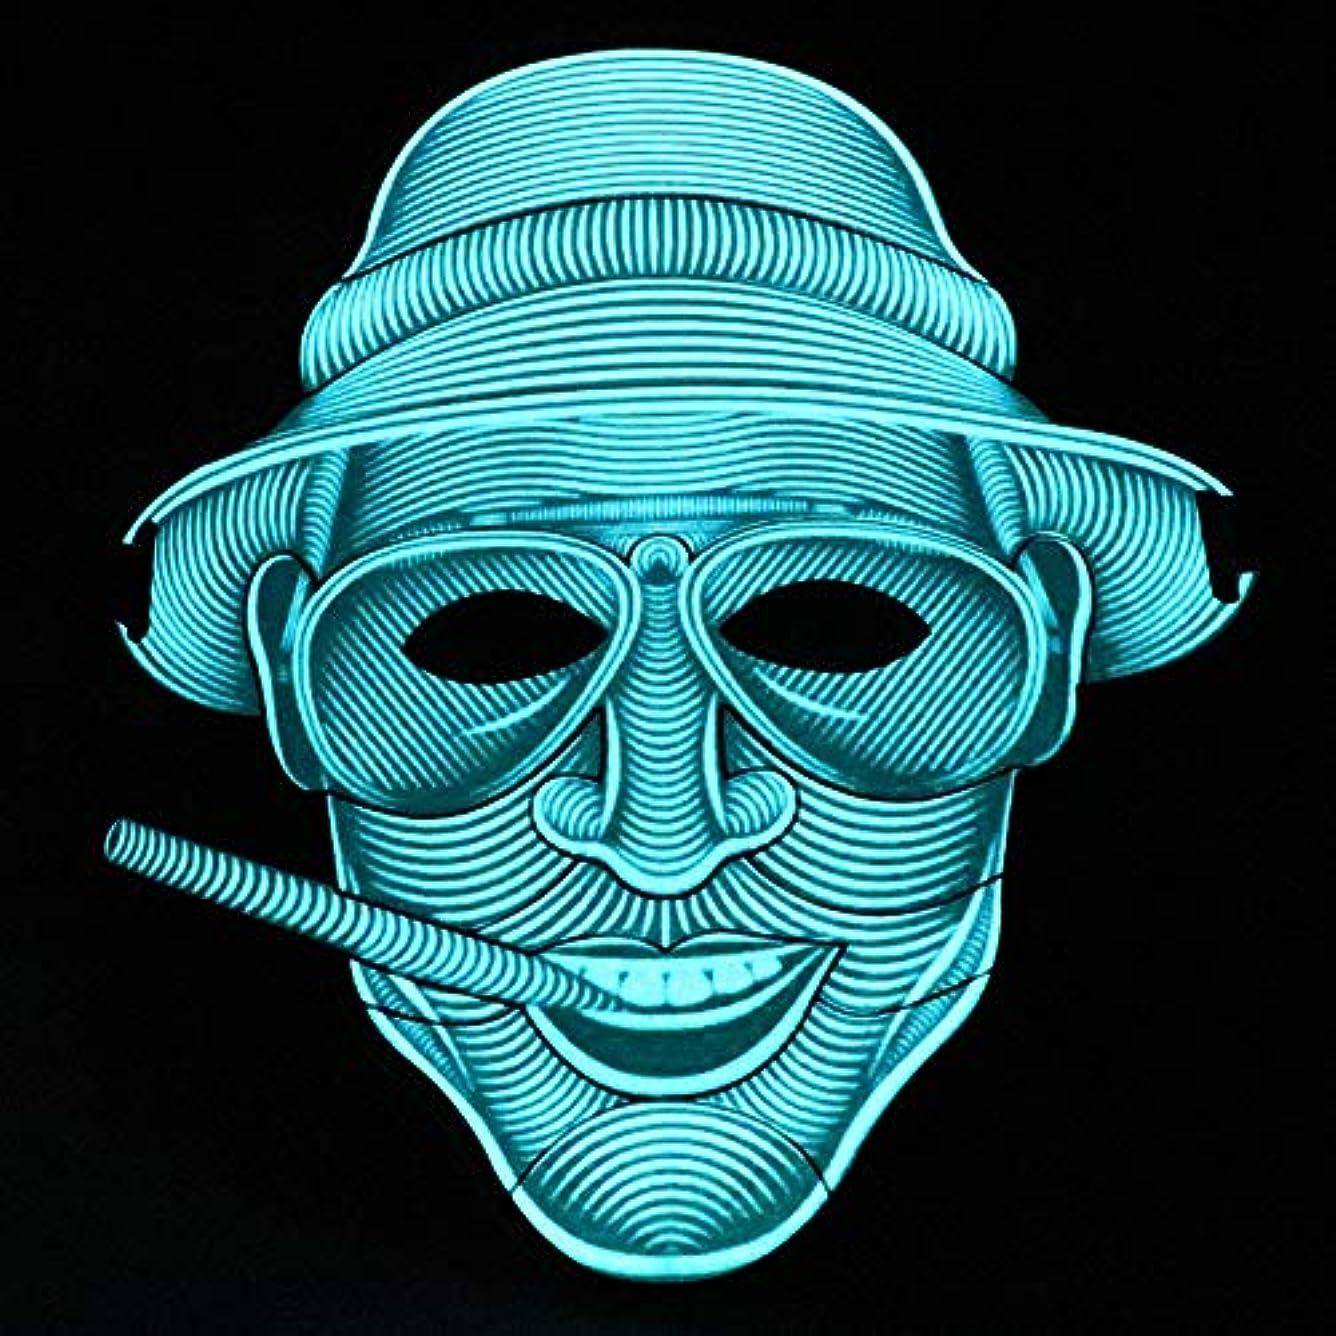 目を覚ます書士意気込み照らされたマスクLED創造的な冷光音響制御マスクハロウィンバーフェスティバルダンスマスク (Color : #8)